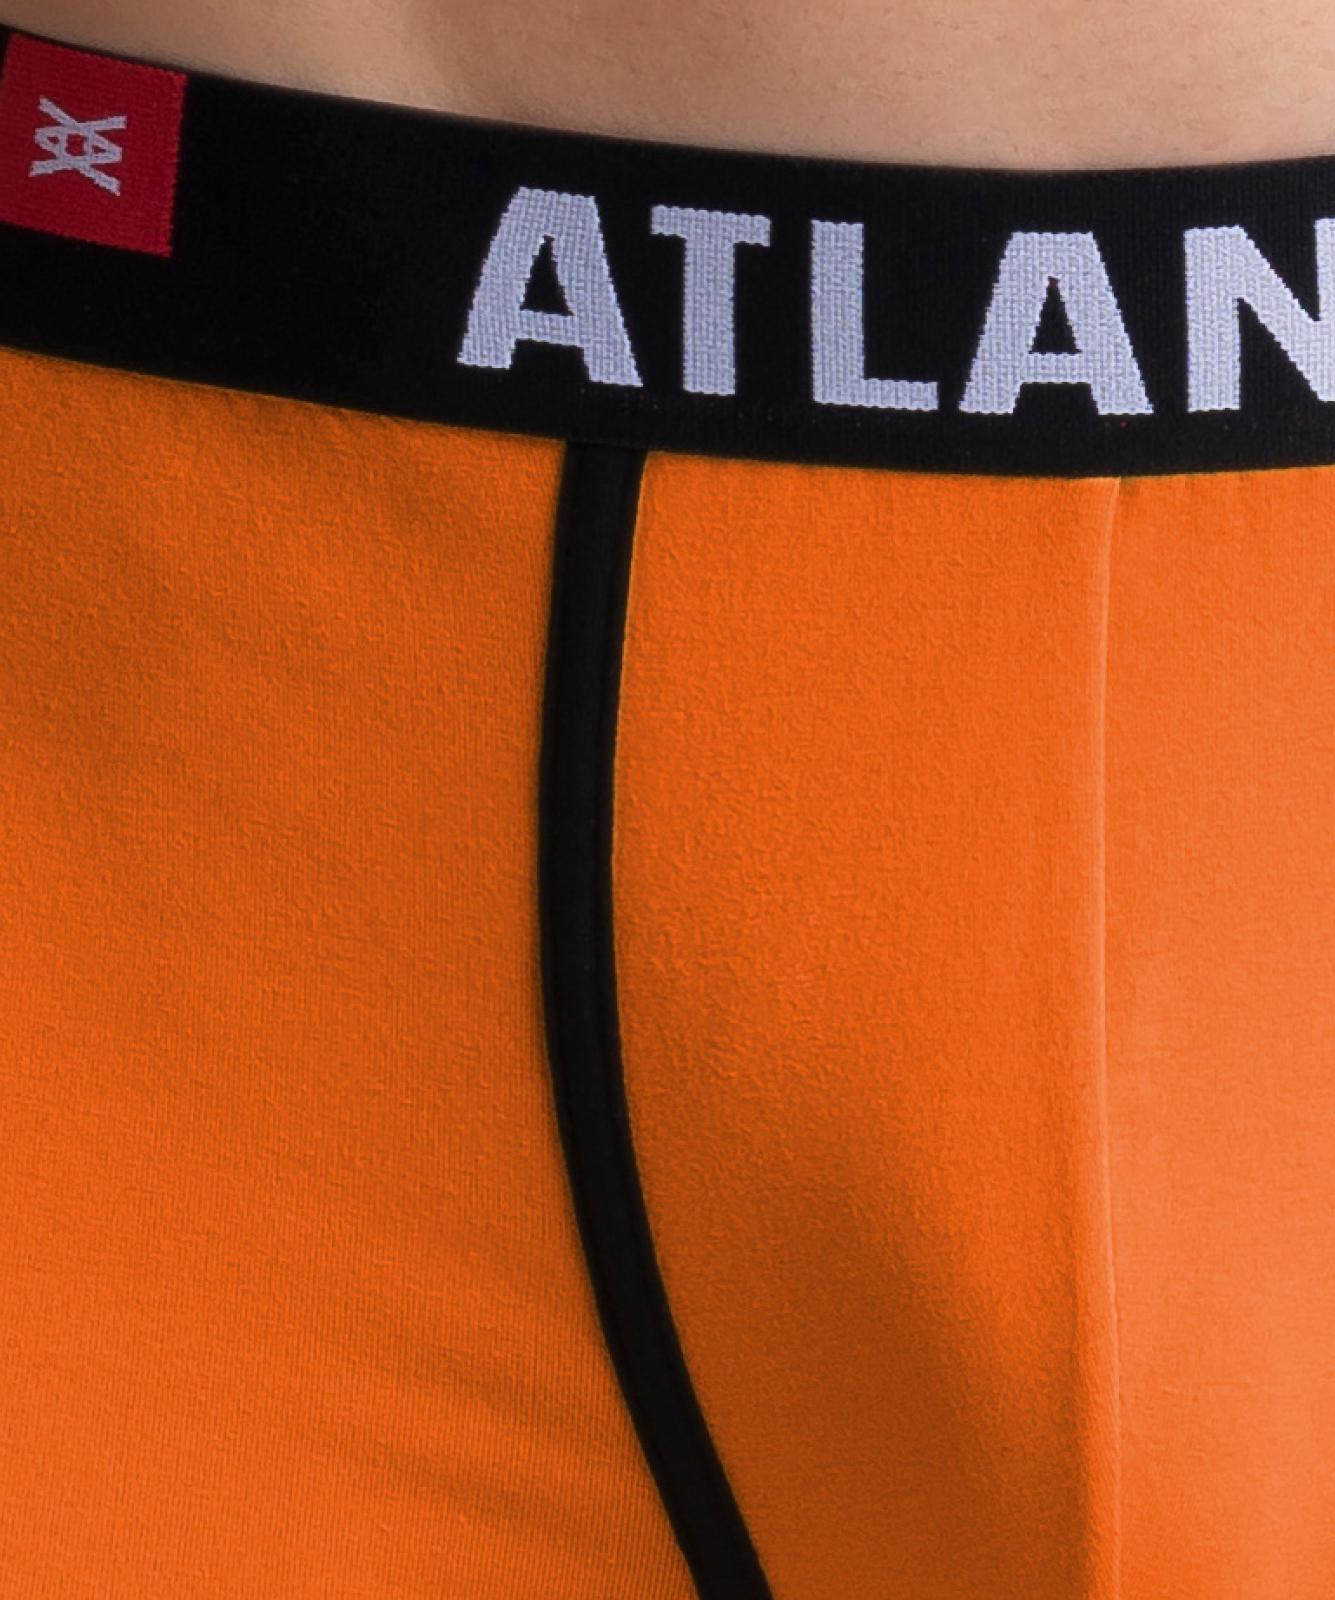 Мужские трусы шорты Atlantic, набор из 3 шт., хлопок, желтые + фиолетовые + бирюзовые, 3SMH-002